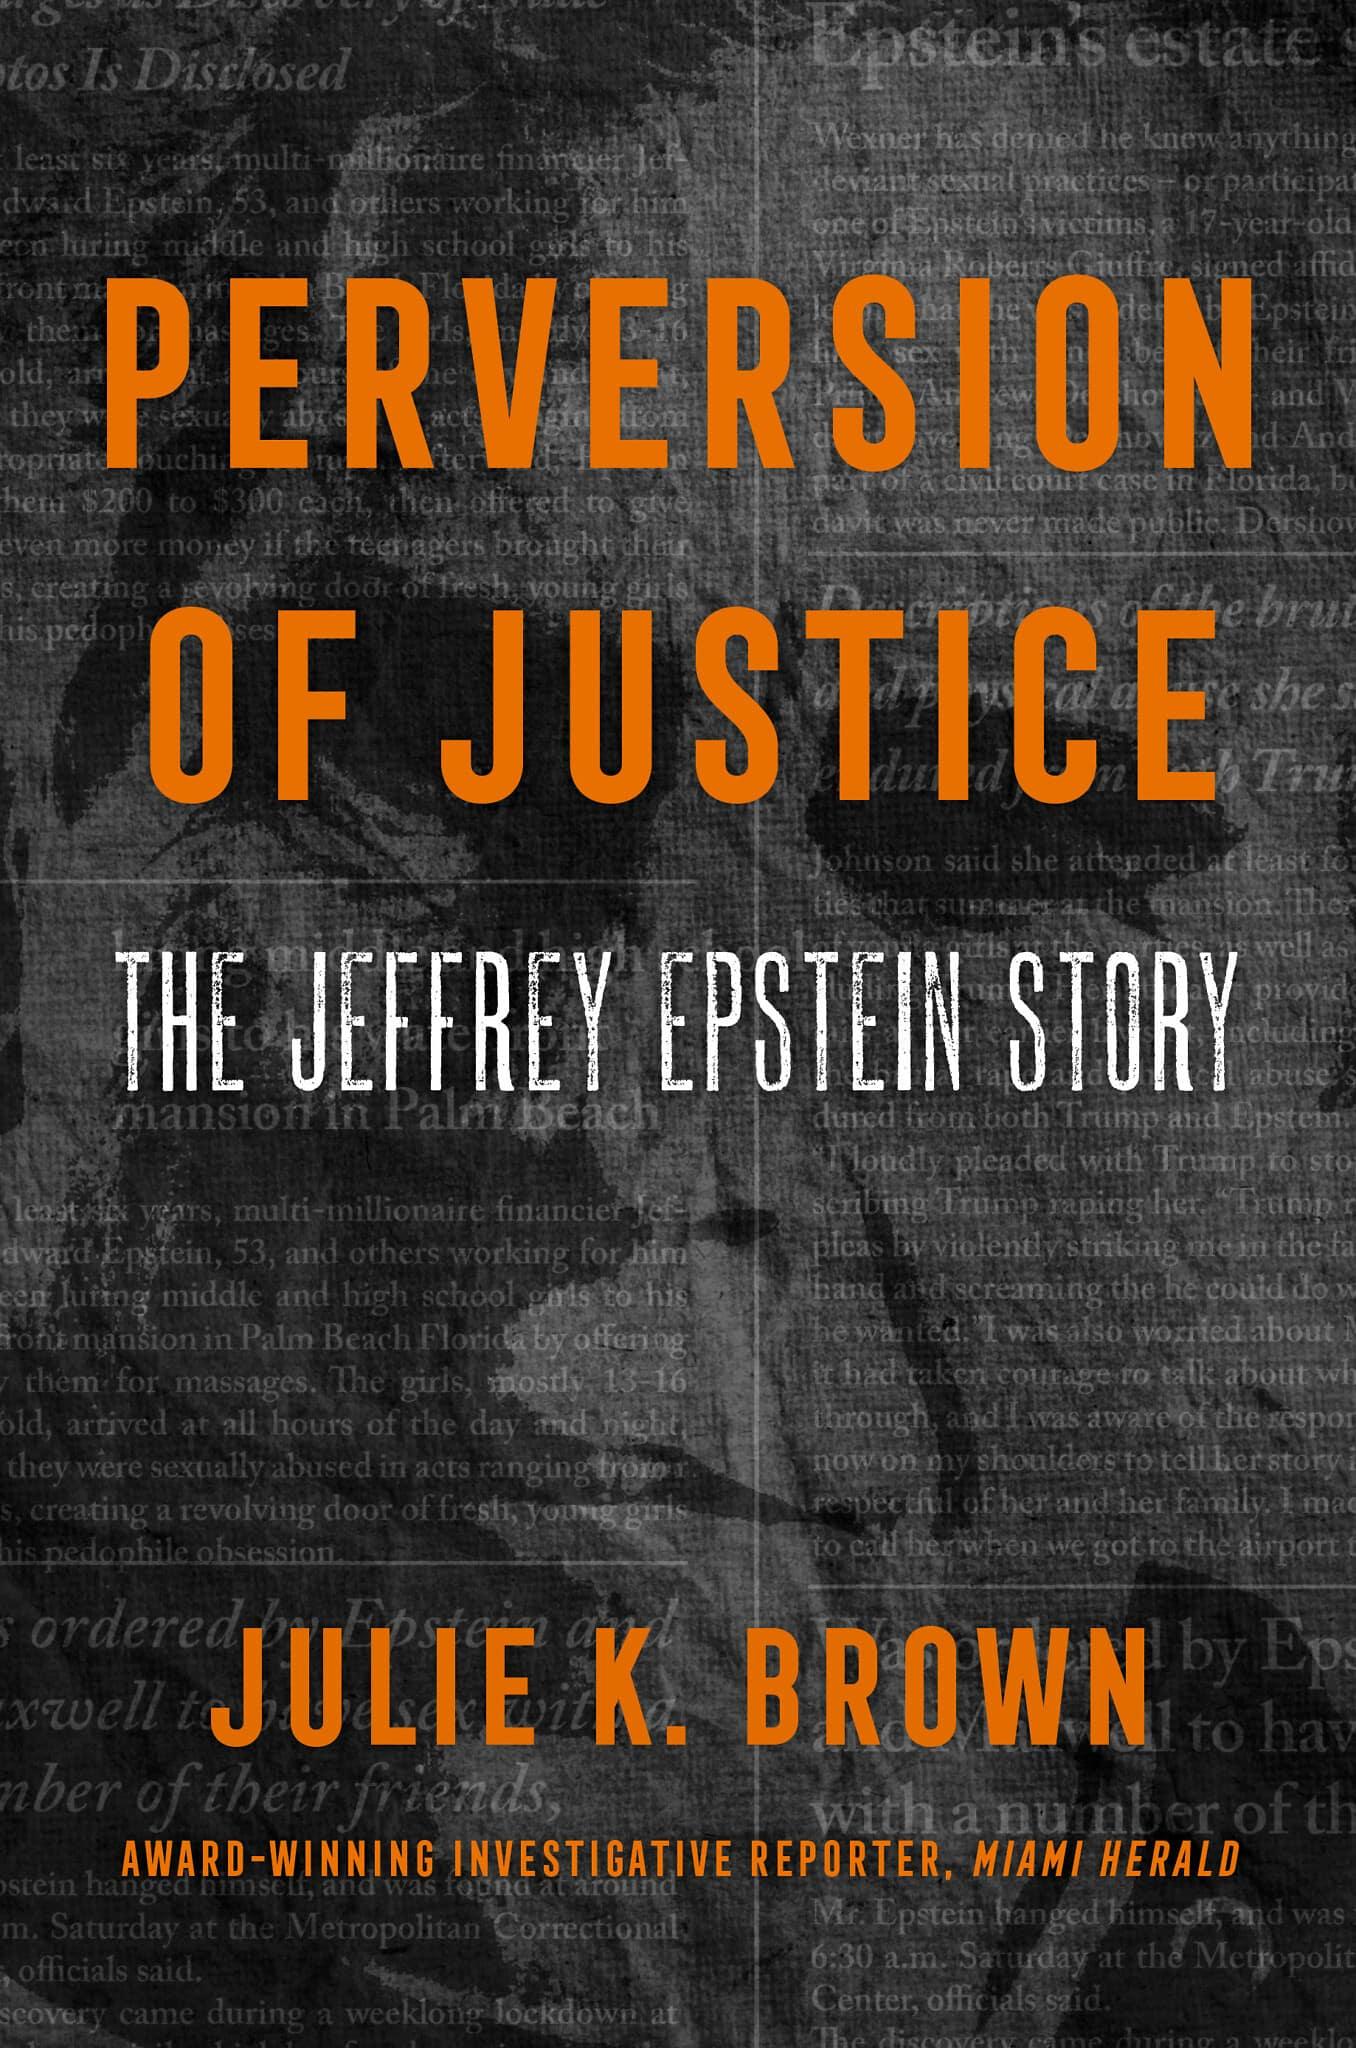 """עטיפת הספר """"סטייה של צדק: הסיפור של ג'פרי אפשטיין"""" מאת ג'ולי ק. בראון"""